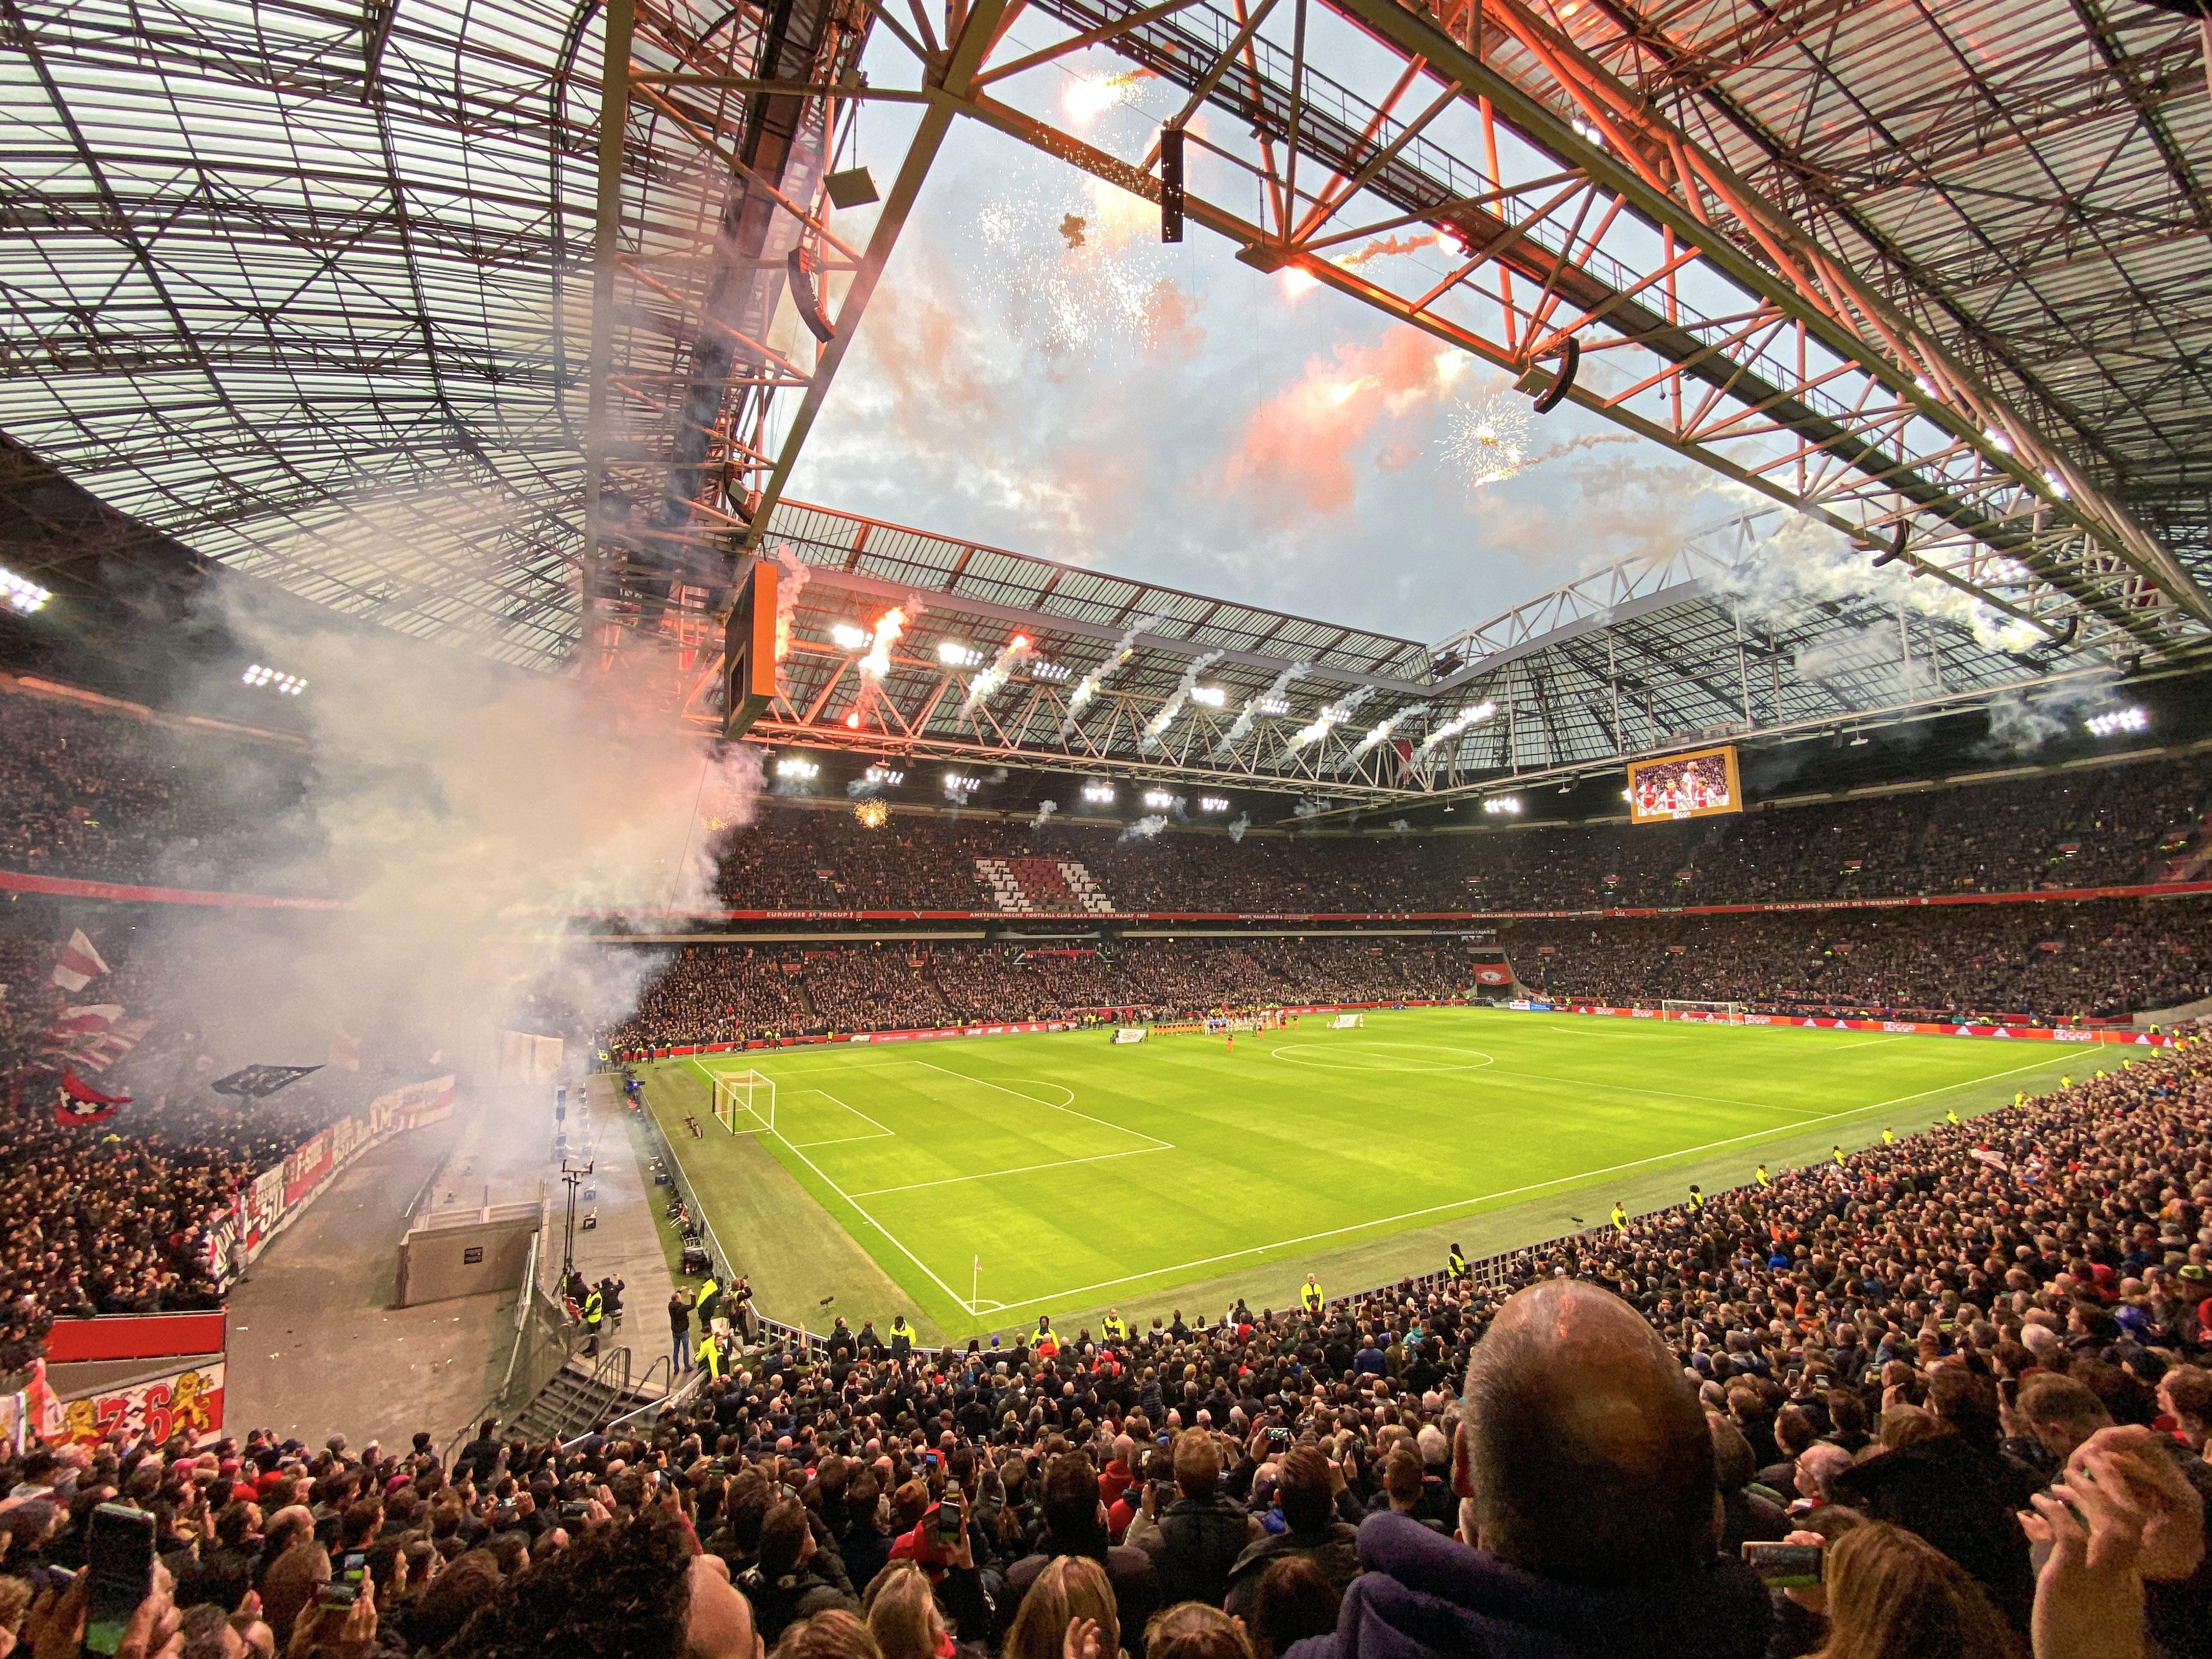 KNVB werkt hard aan plannen om de voetbaltribunes weer te vullen: 'Met bewijs vaccinatie of test het stadion in'